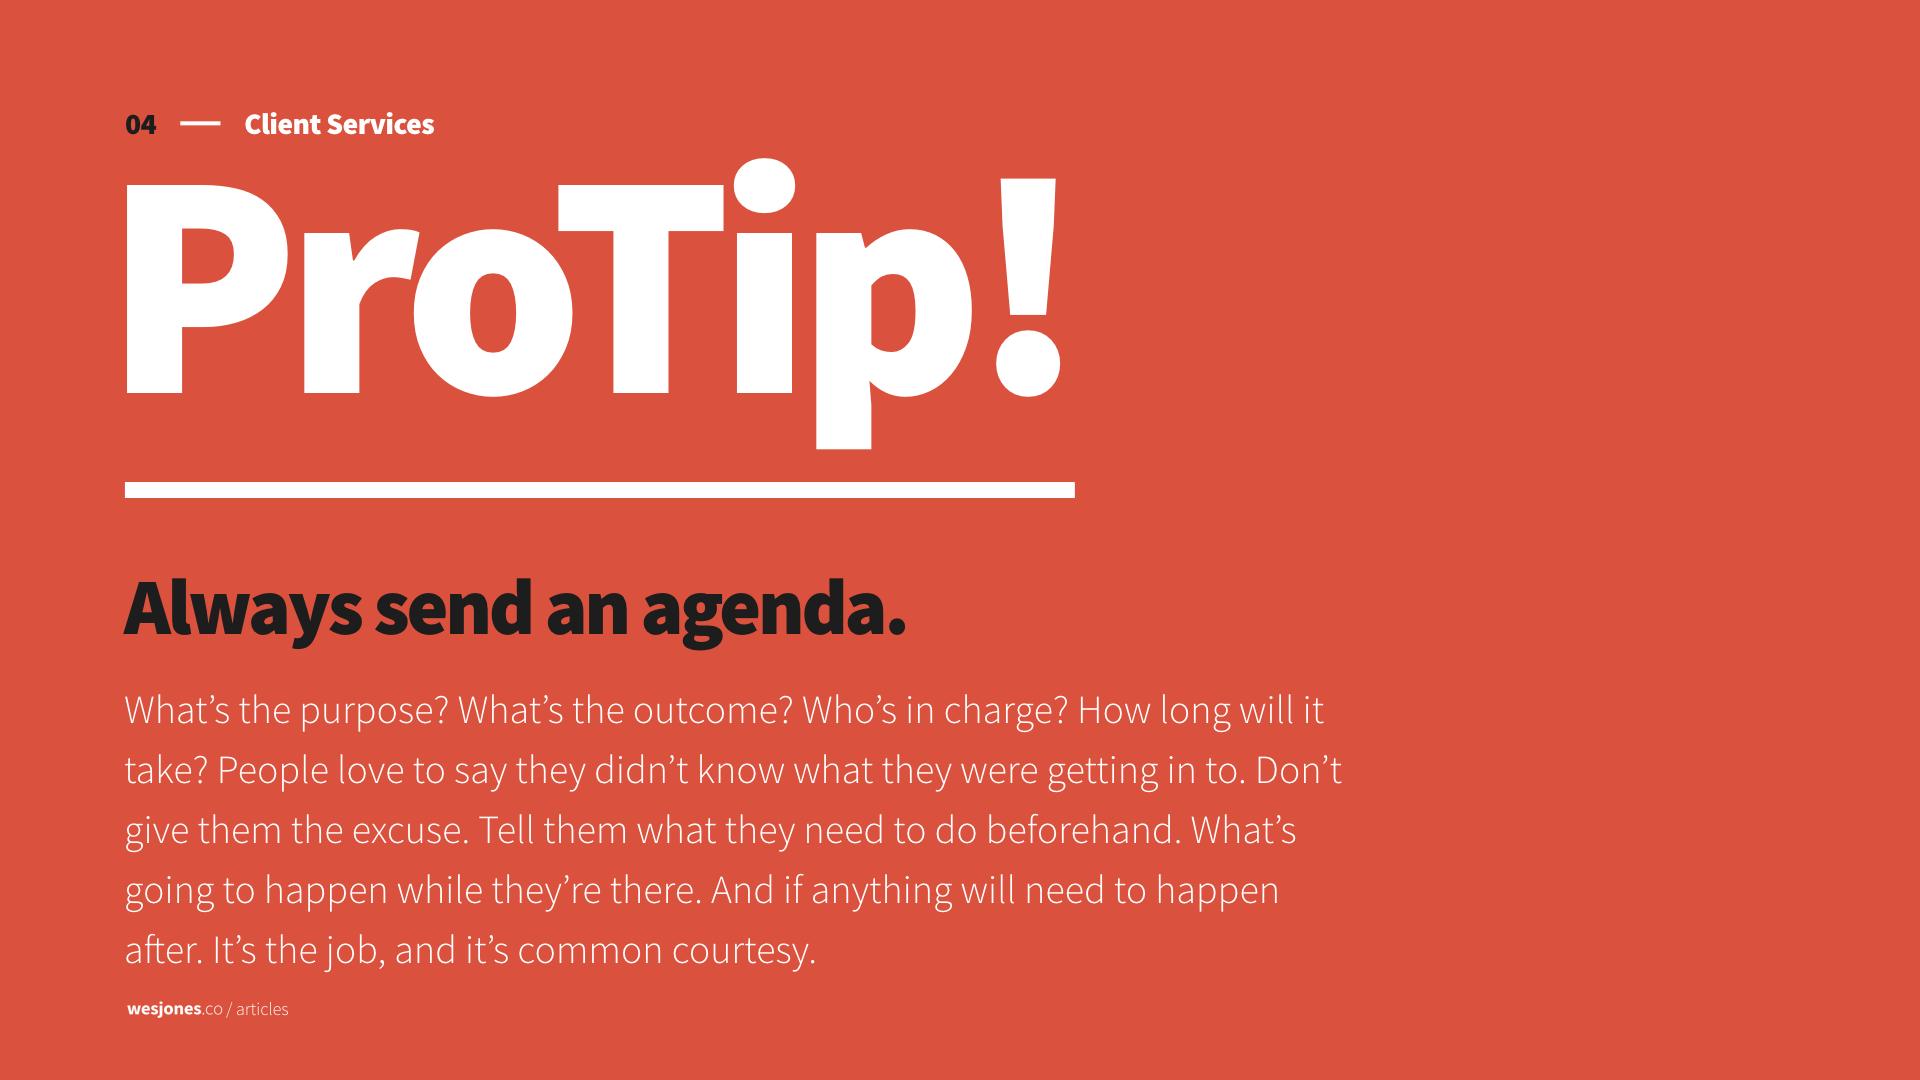 wesjonesco-protip-send-an-agenda-banner-text.jpeg